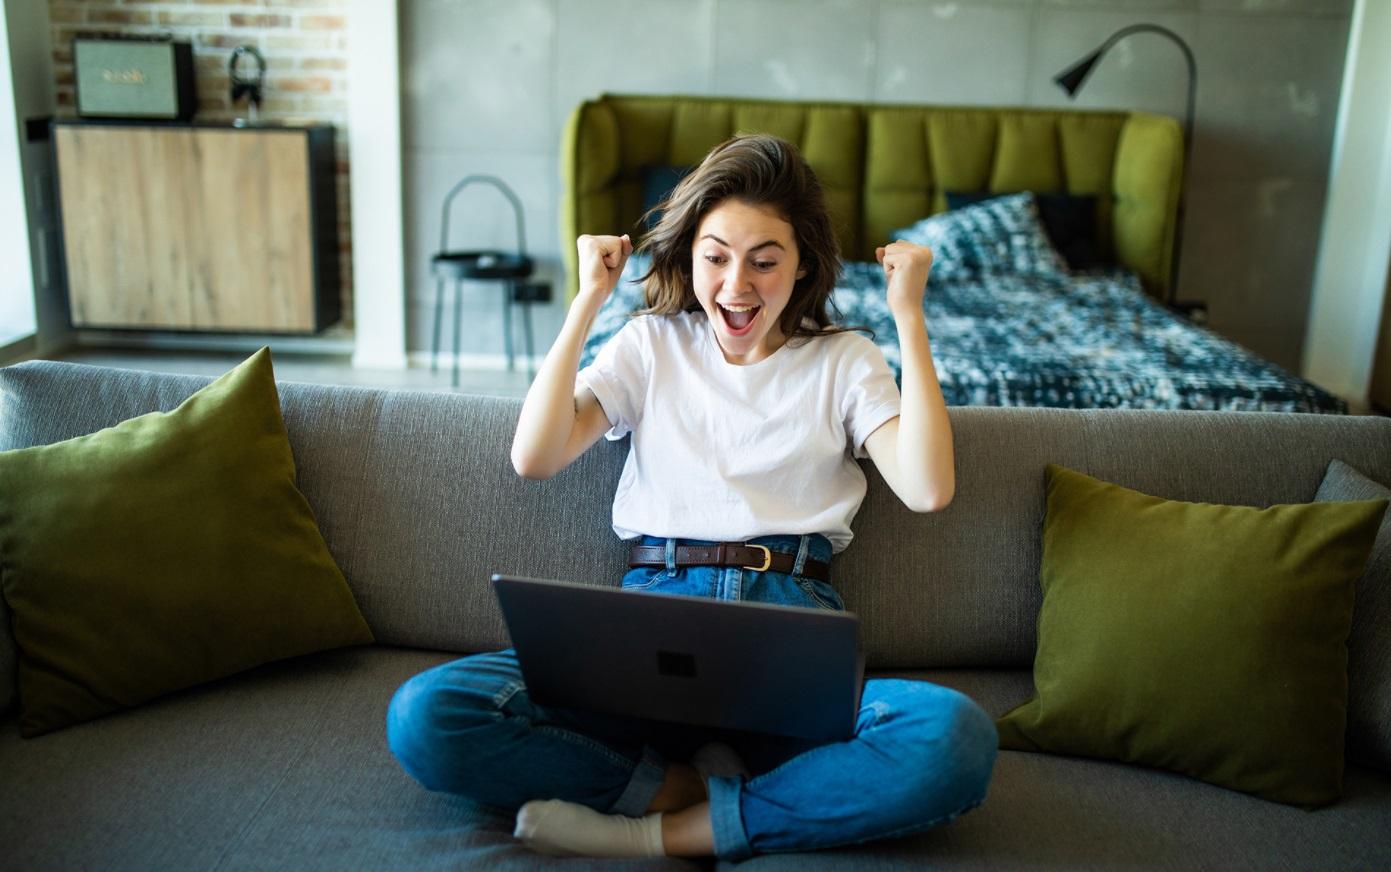 Comment gagner facilement de l'argent sur internet ?